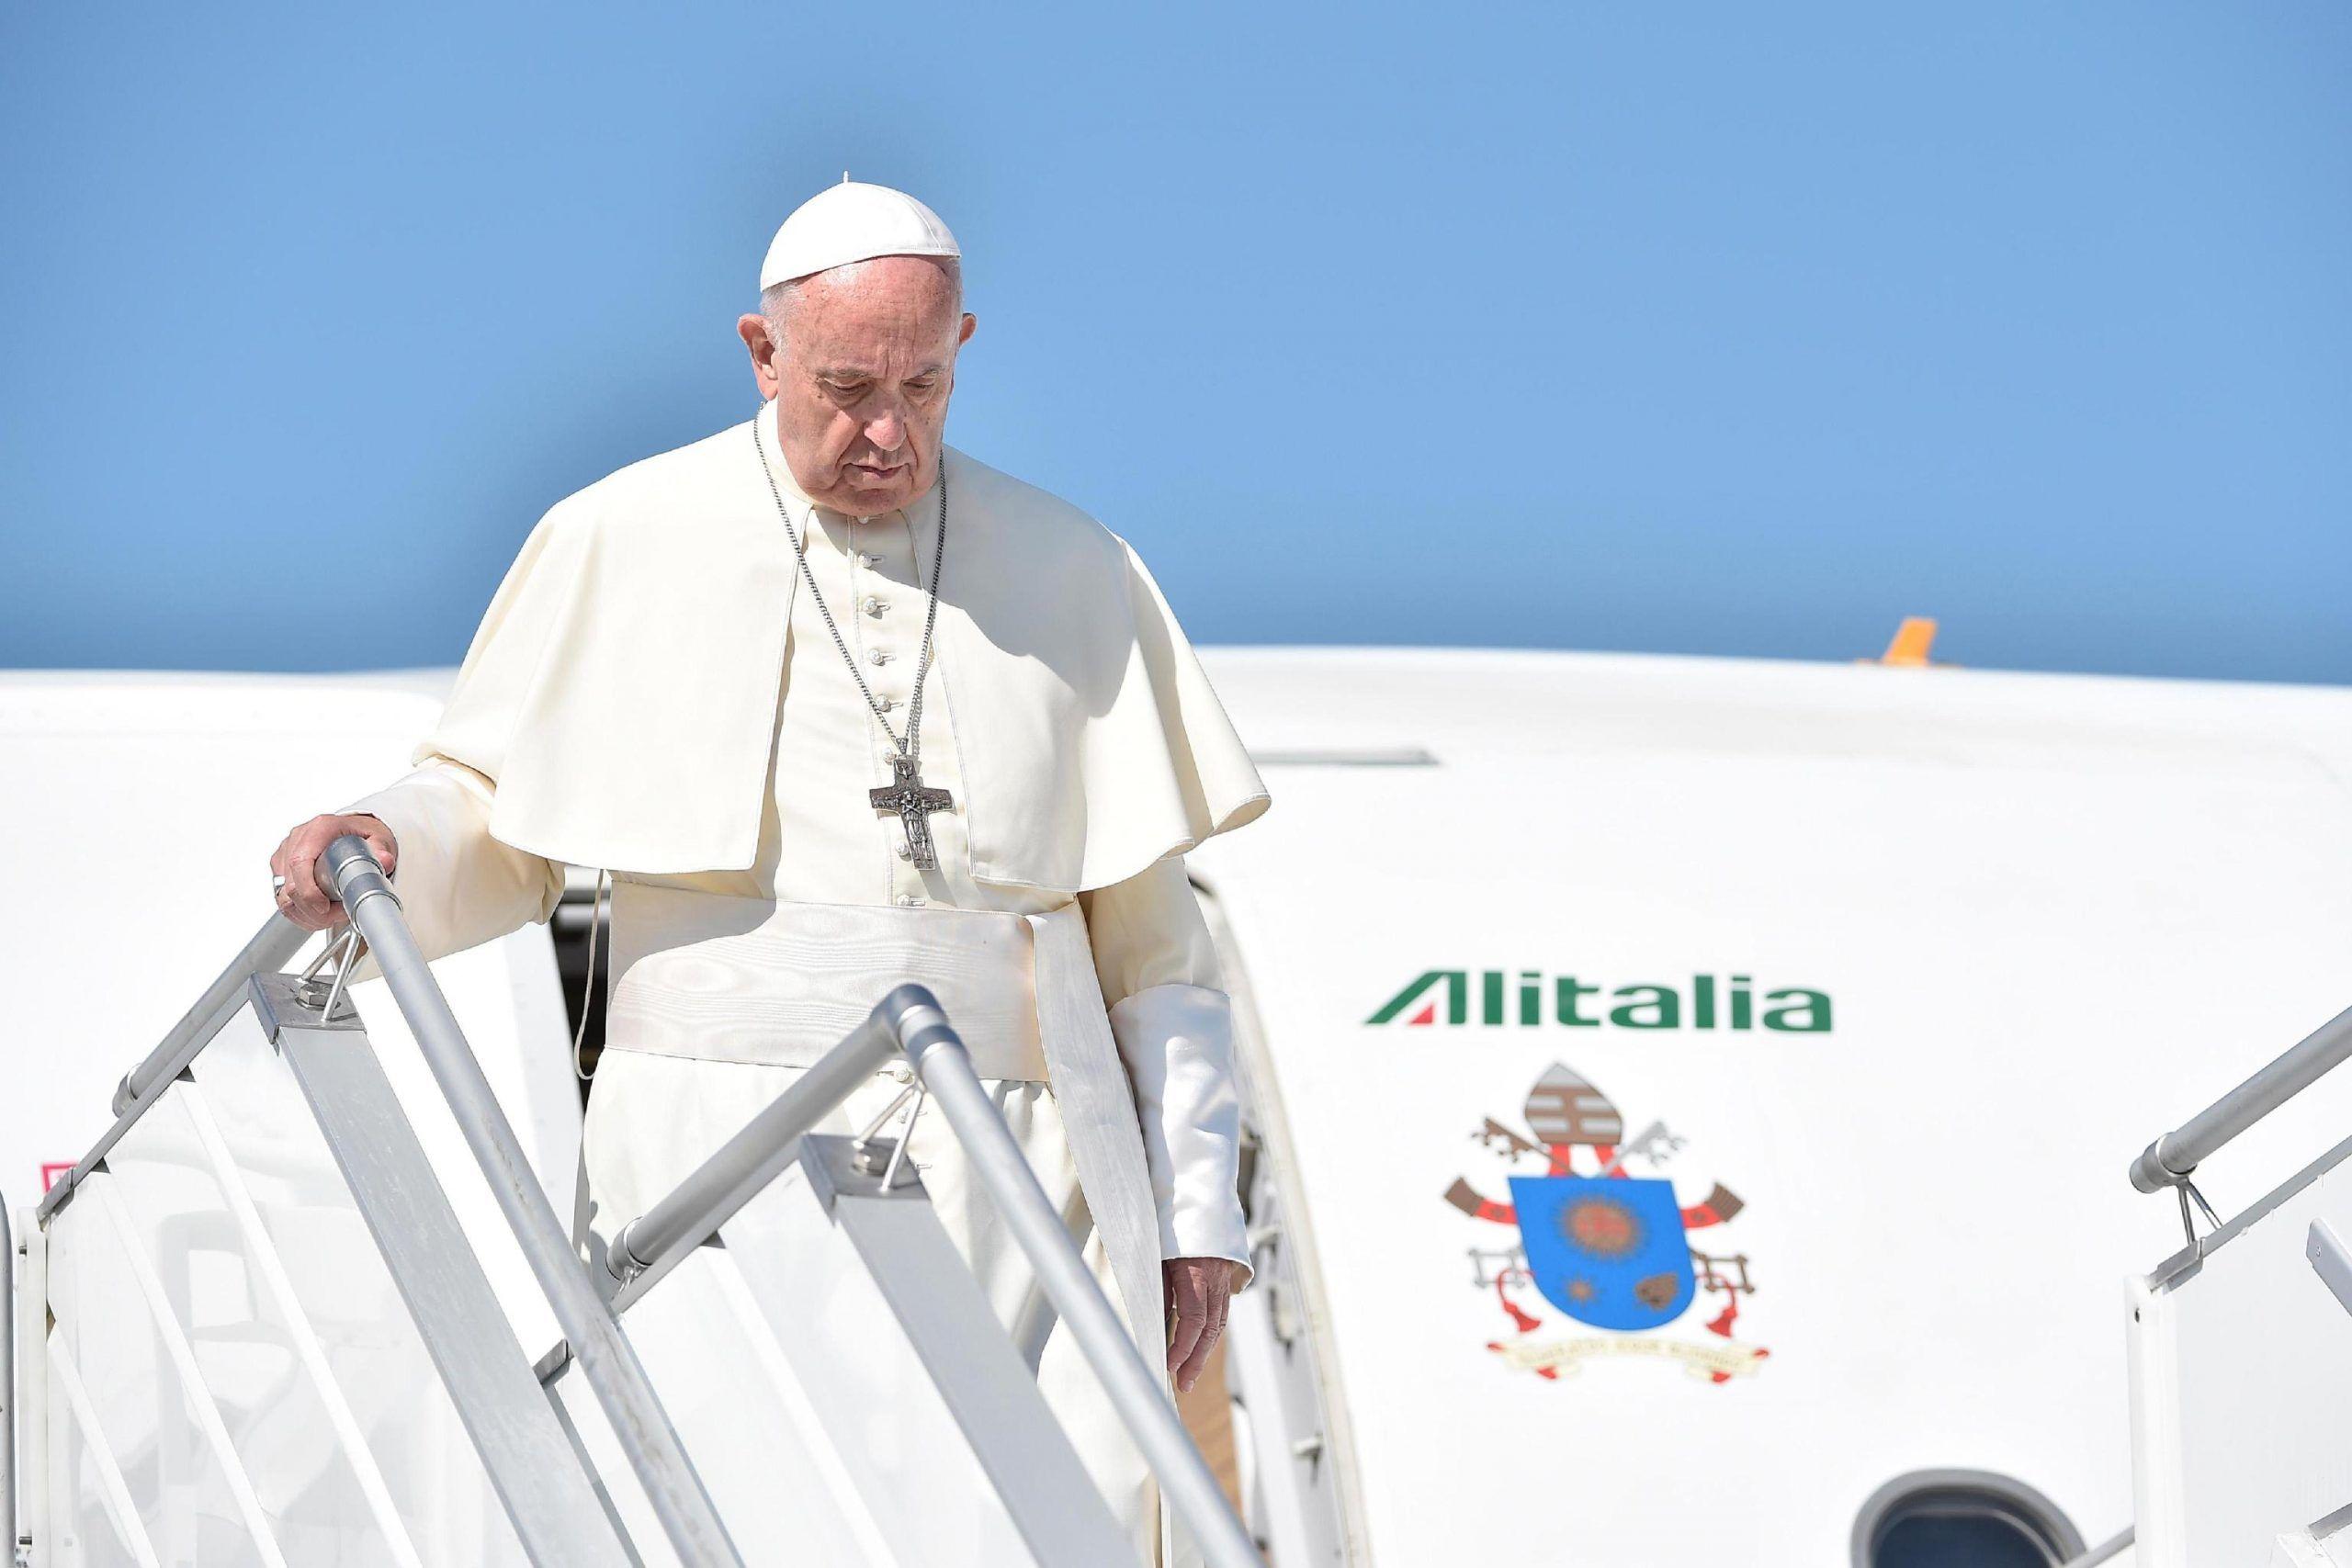 Papa Francesco perde consenso: la sua posizione sui migranti è alla base dell'abbassamento di popolarità